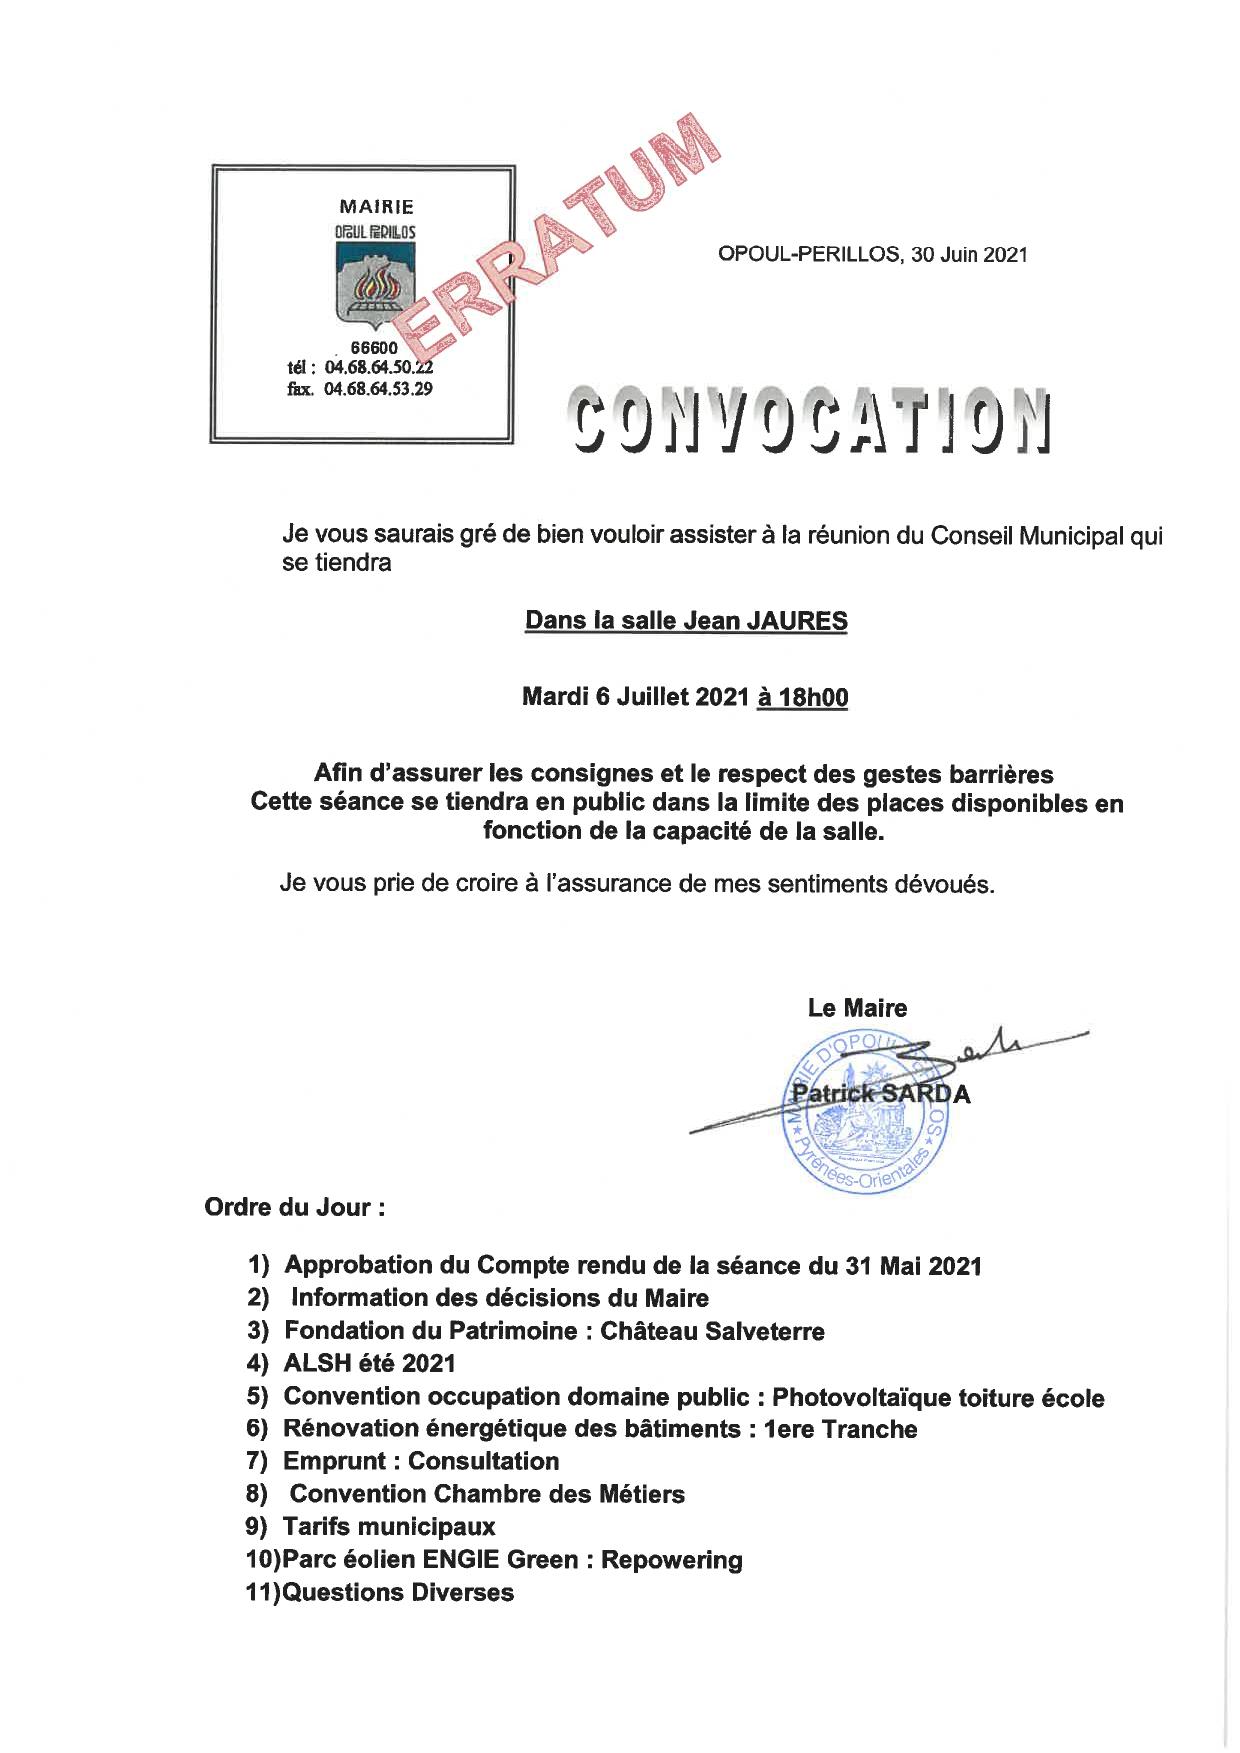 Convocation Conseil Municipal du 6 juillet 2021